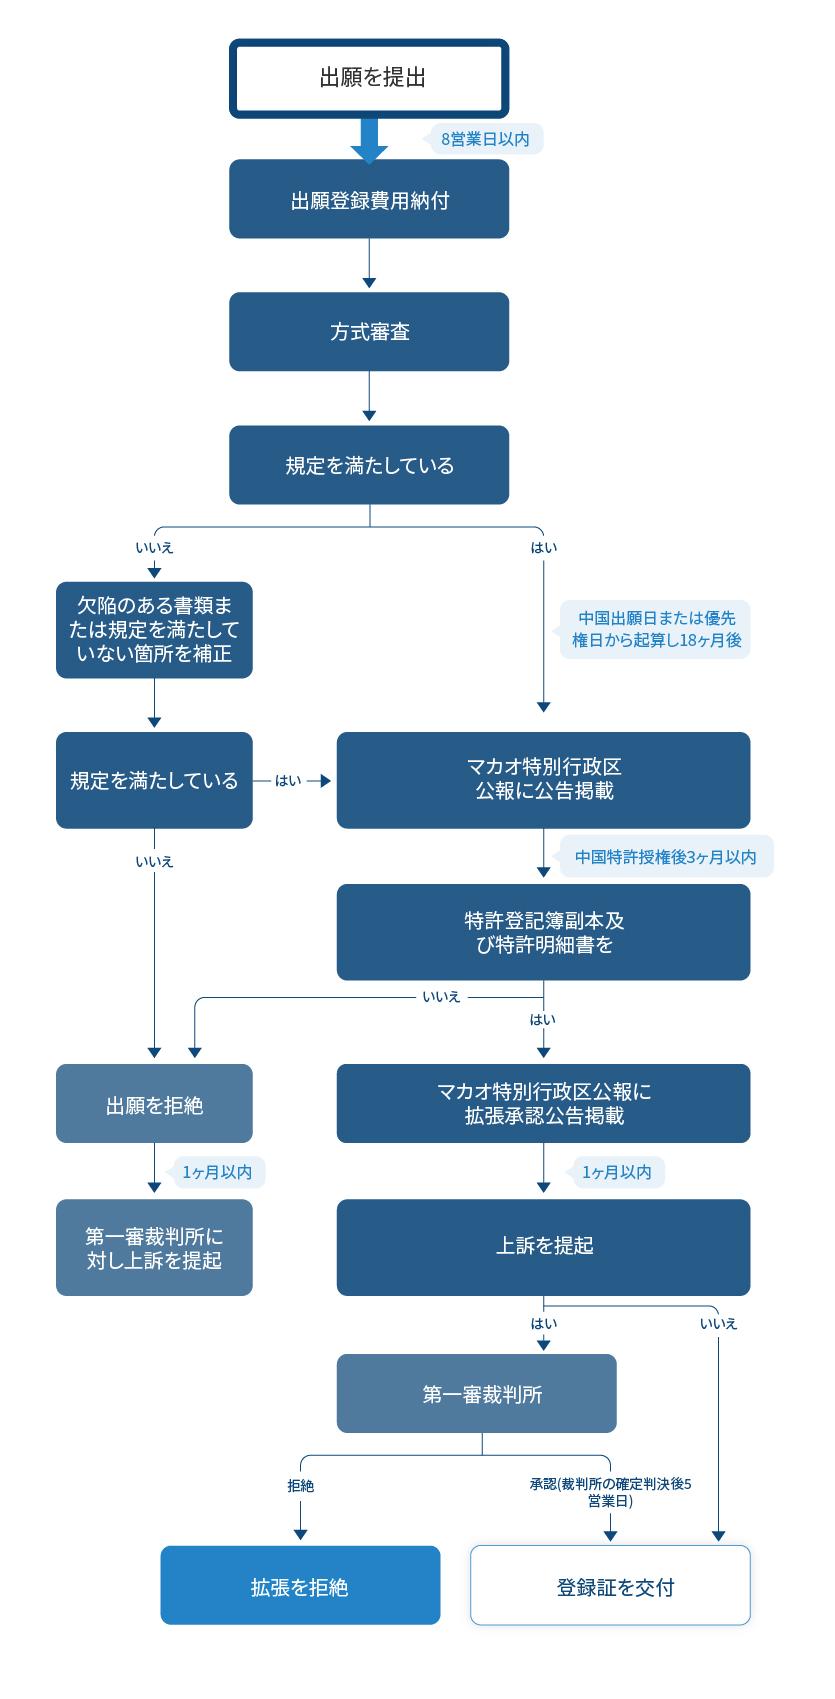 中国国家知識産権局発明特許出願の拡張請求フローチャート